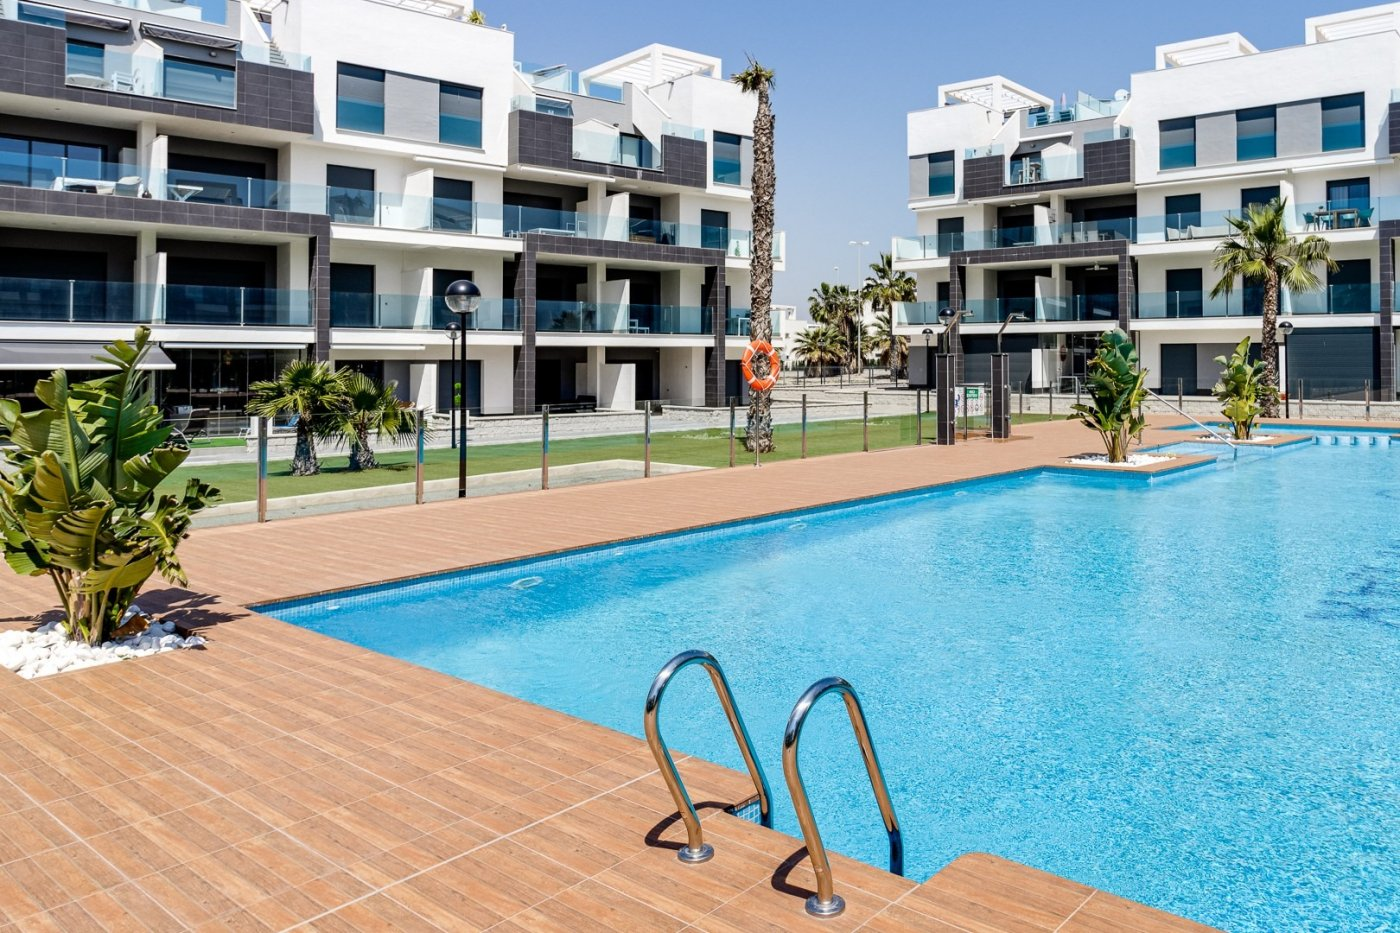 Nuevo complejo residencial en el raso (guardamar)!!! - imagenInmueble3